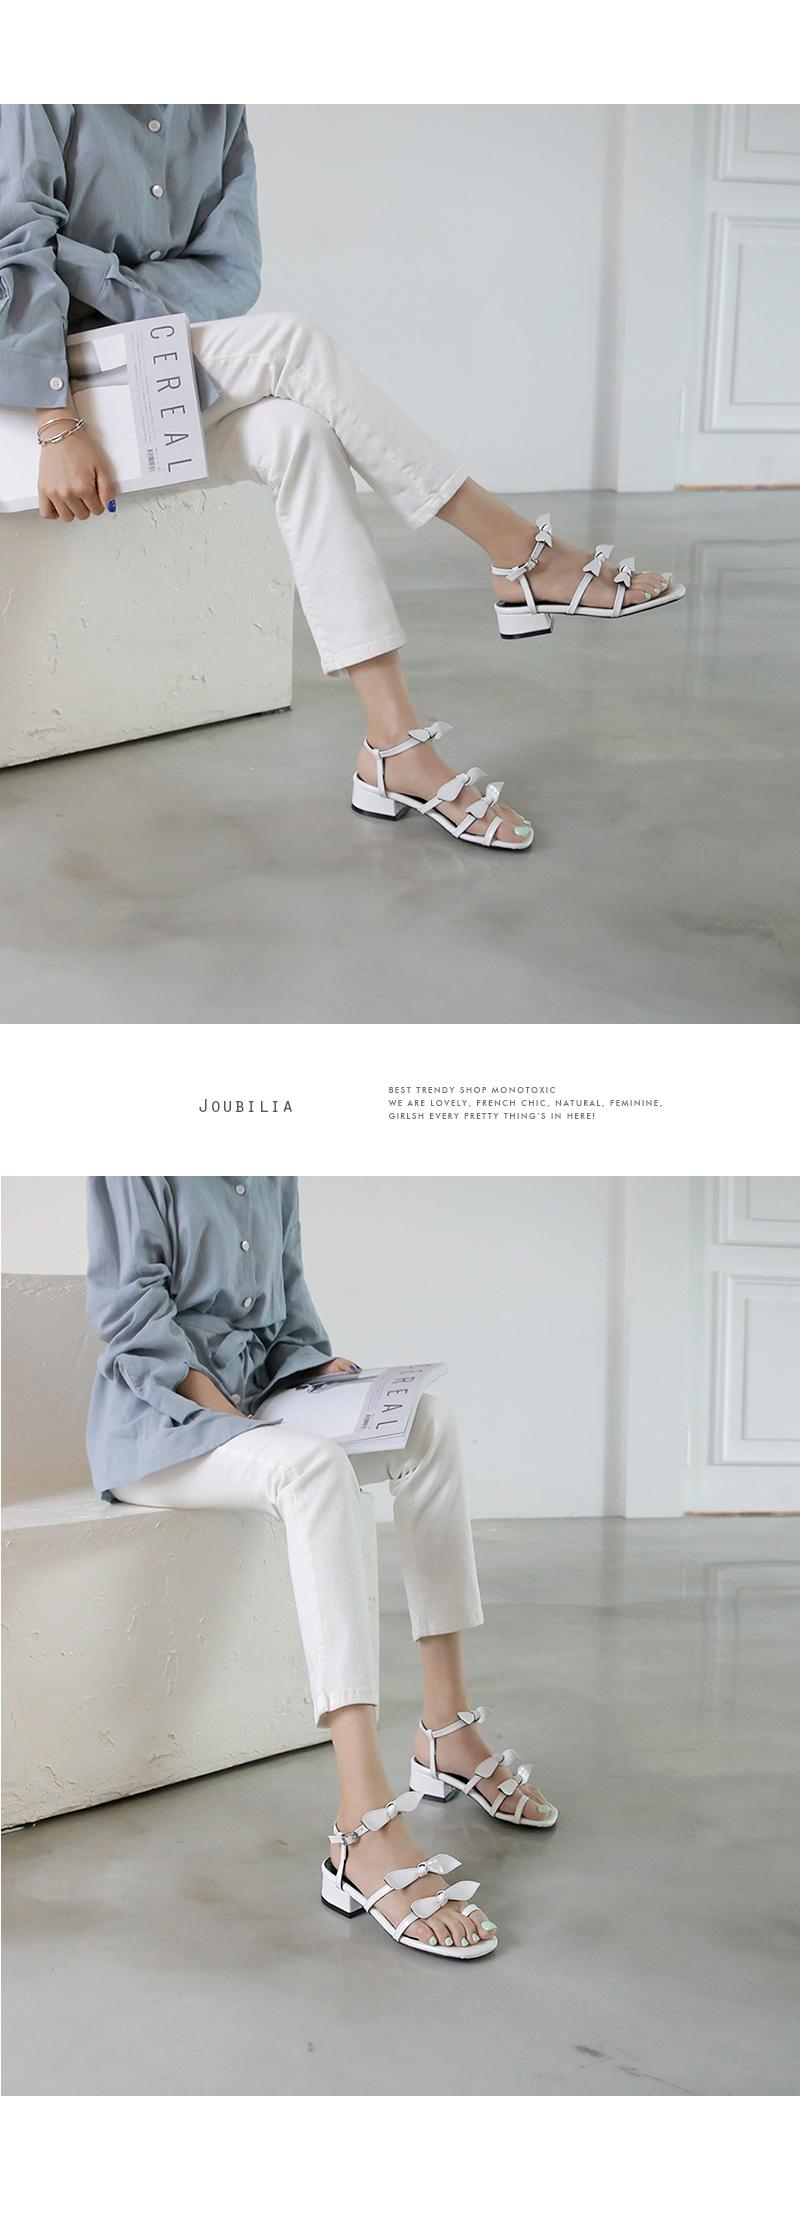 Jubilee 3cm